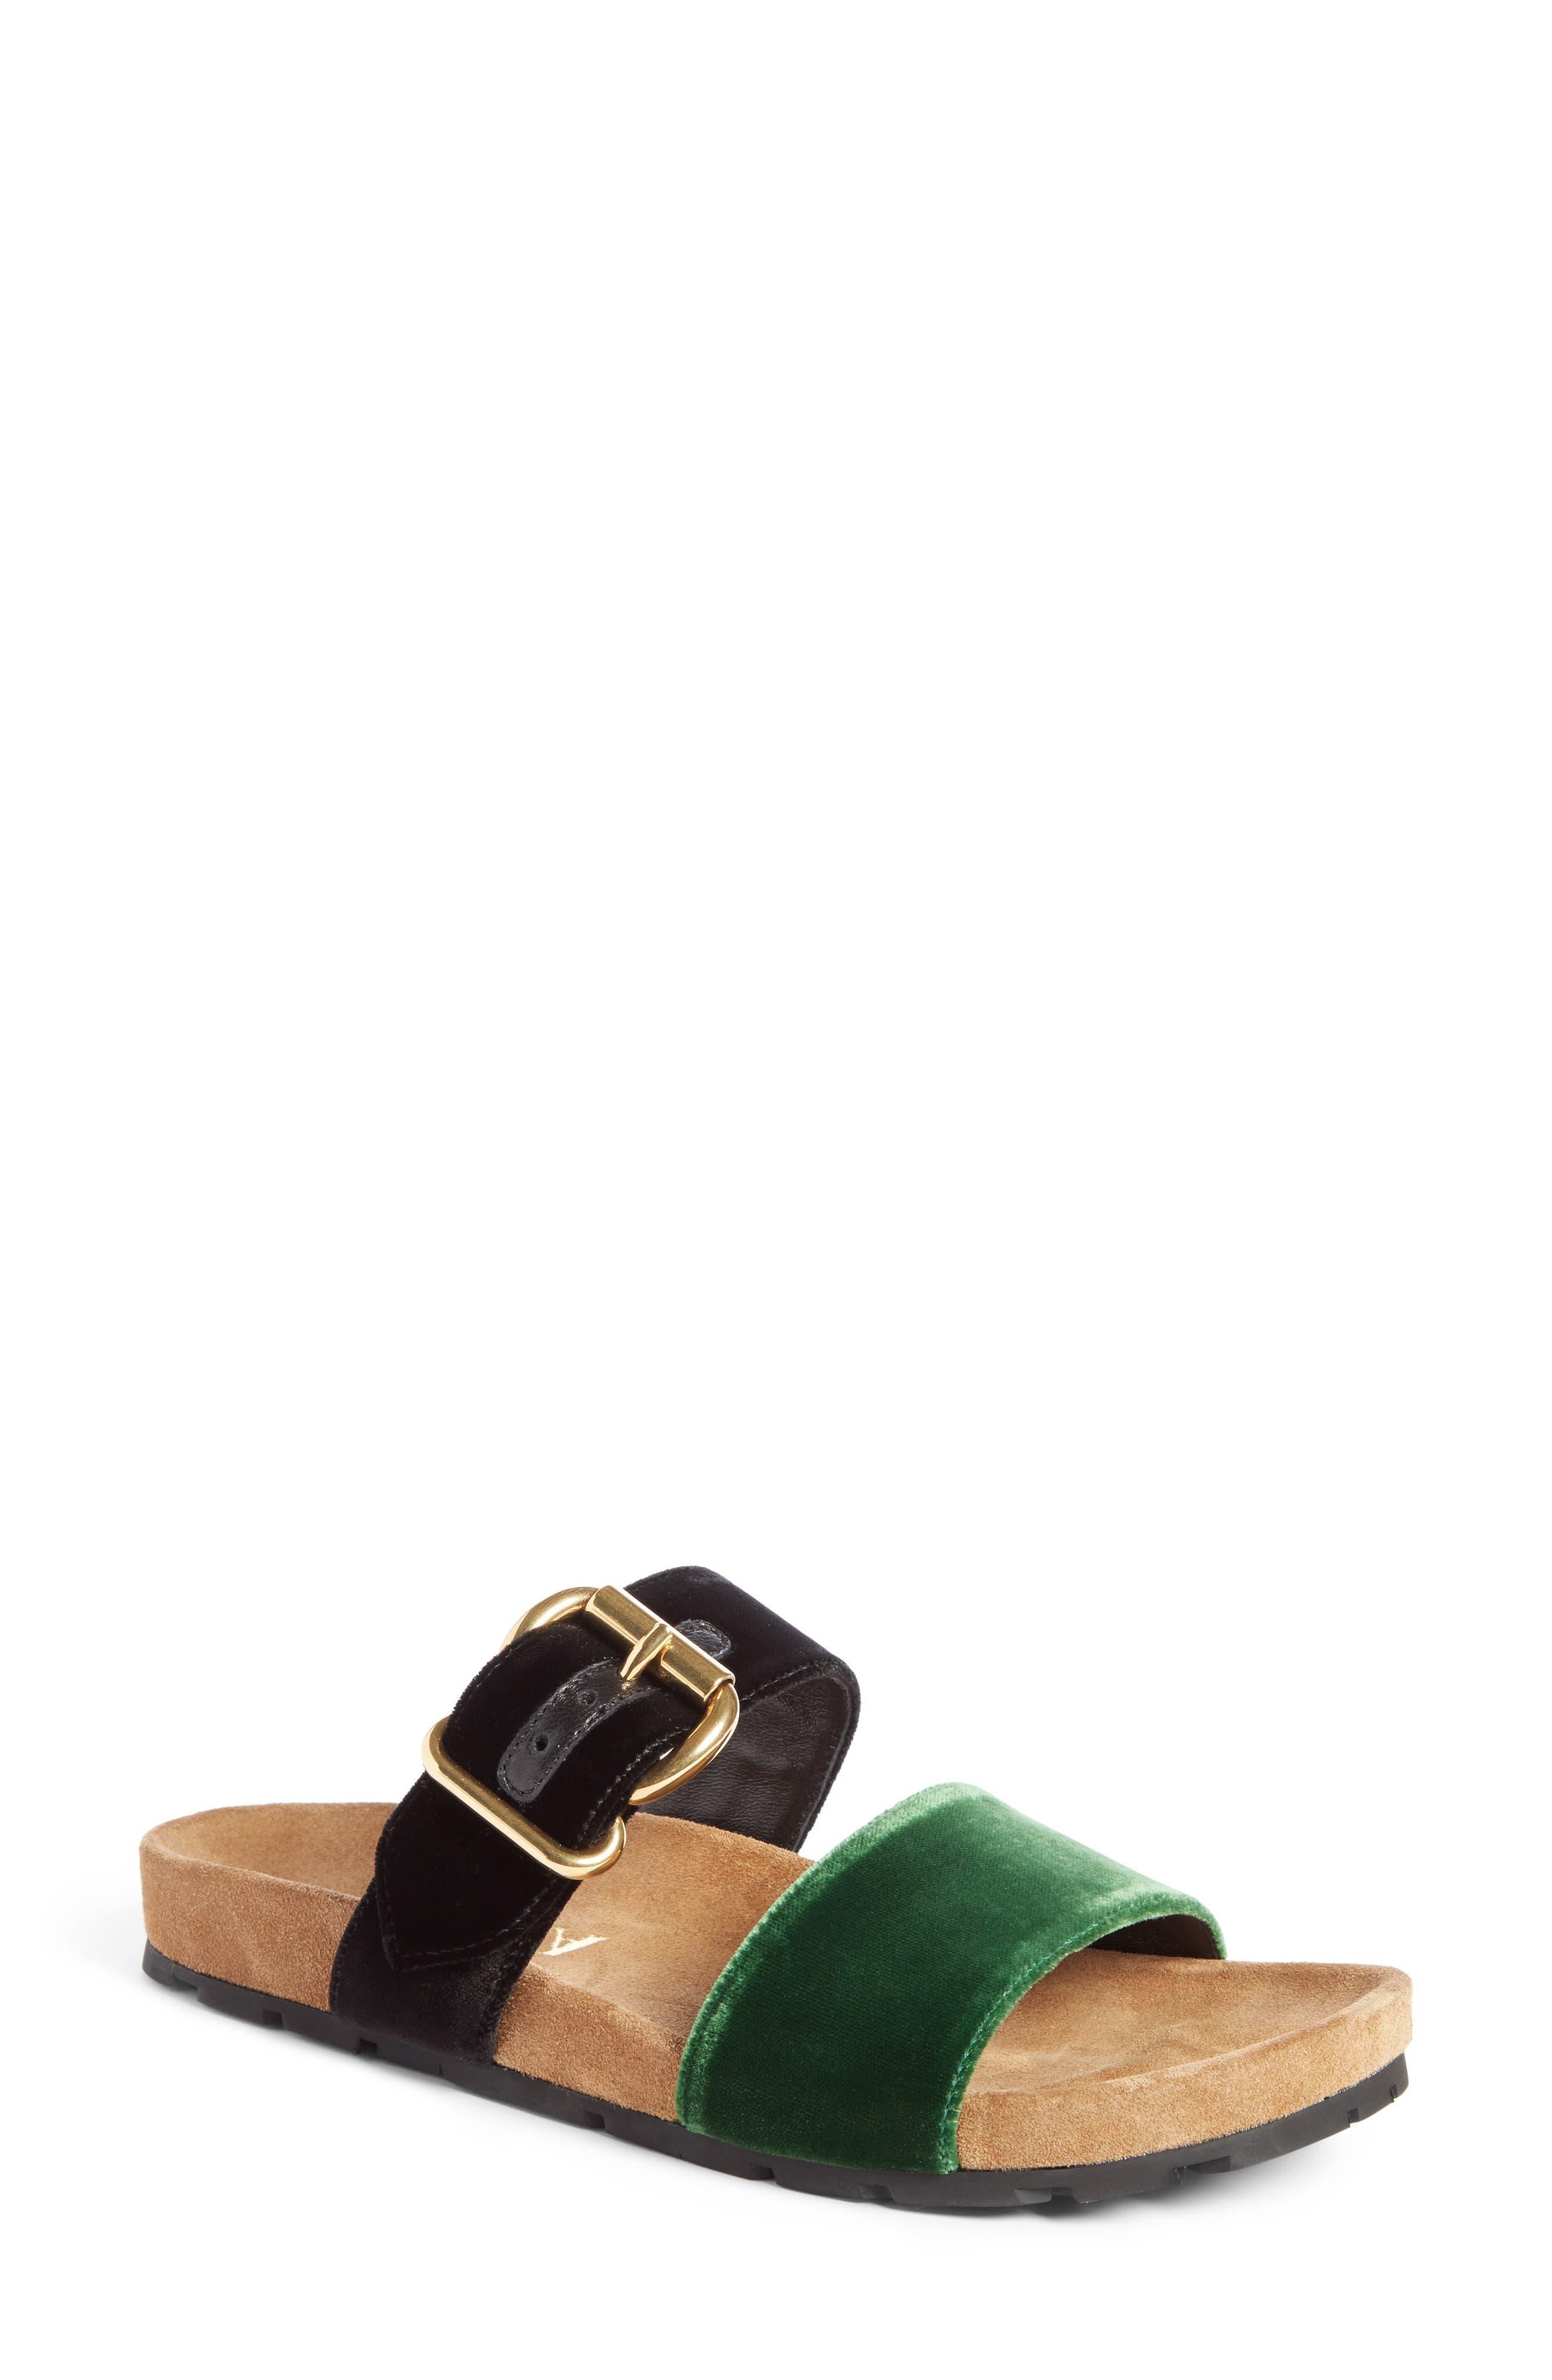 Double Band Slide Sandal,                             Main thumbnail 1, color,                             300